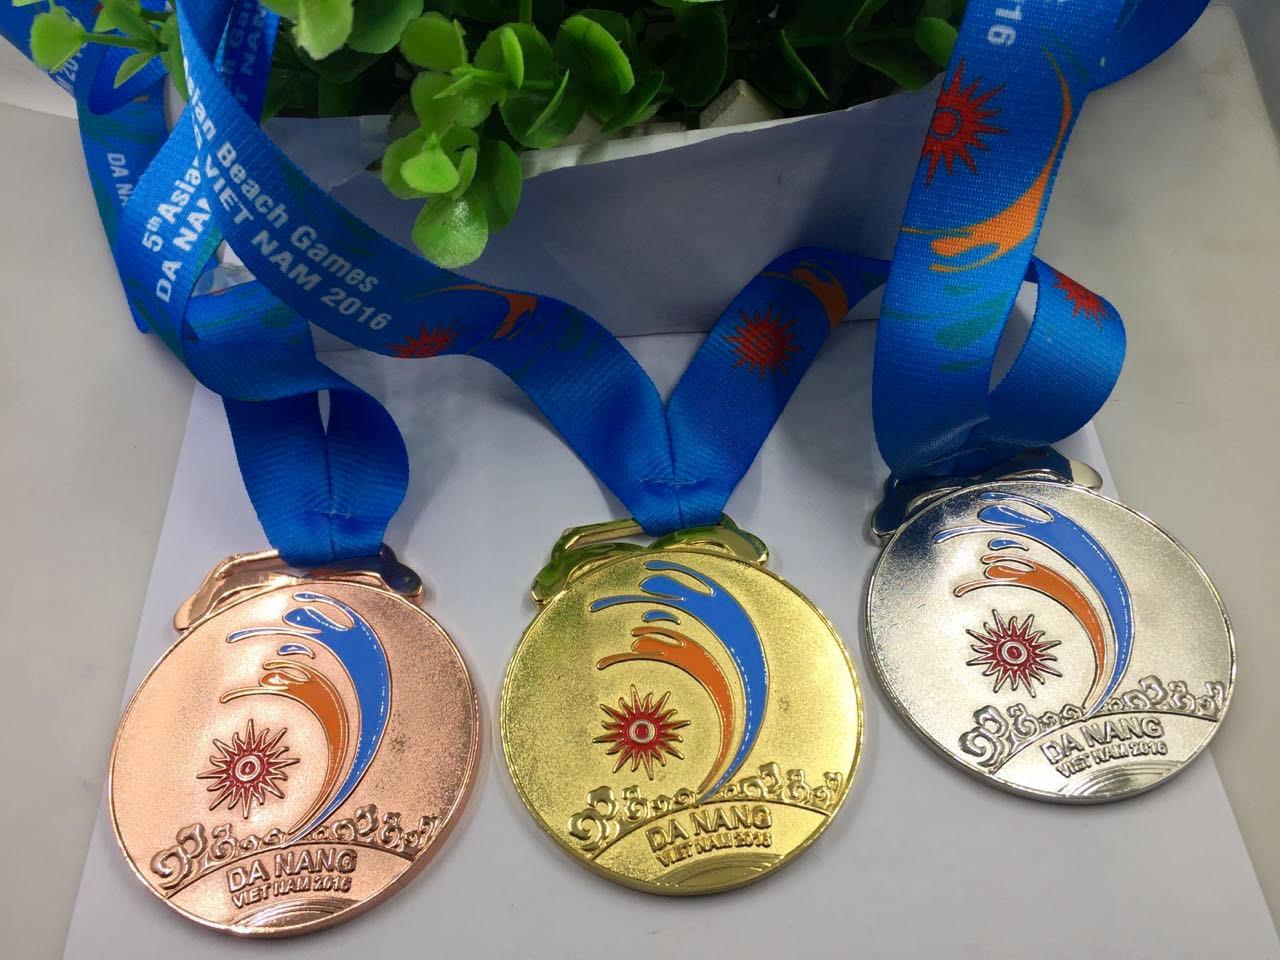 Huy chương 5th Asian Beach Games Đà Nẵng 2016